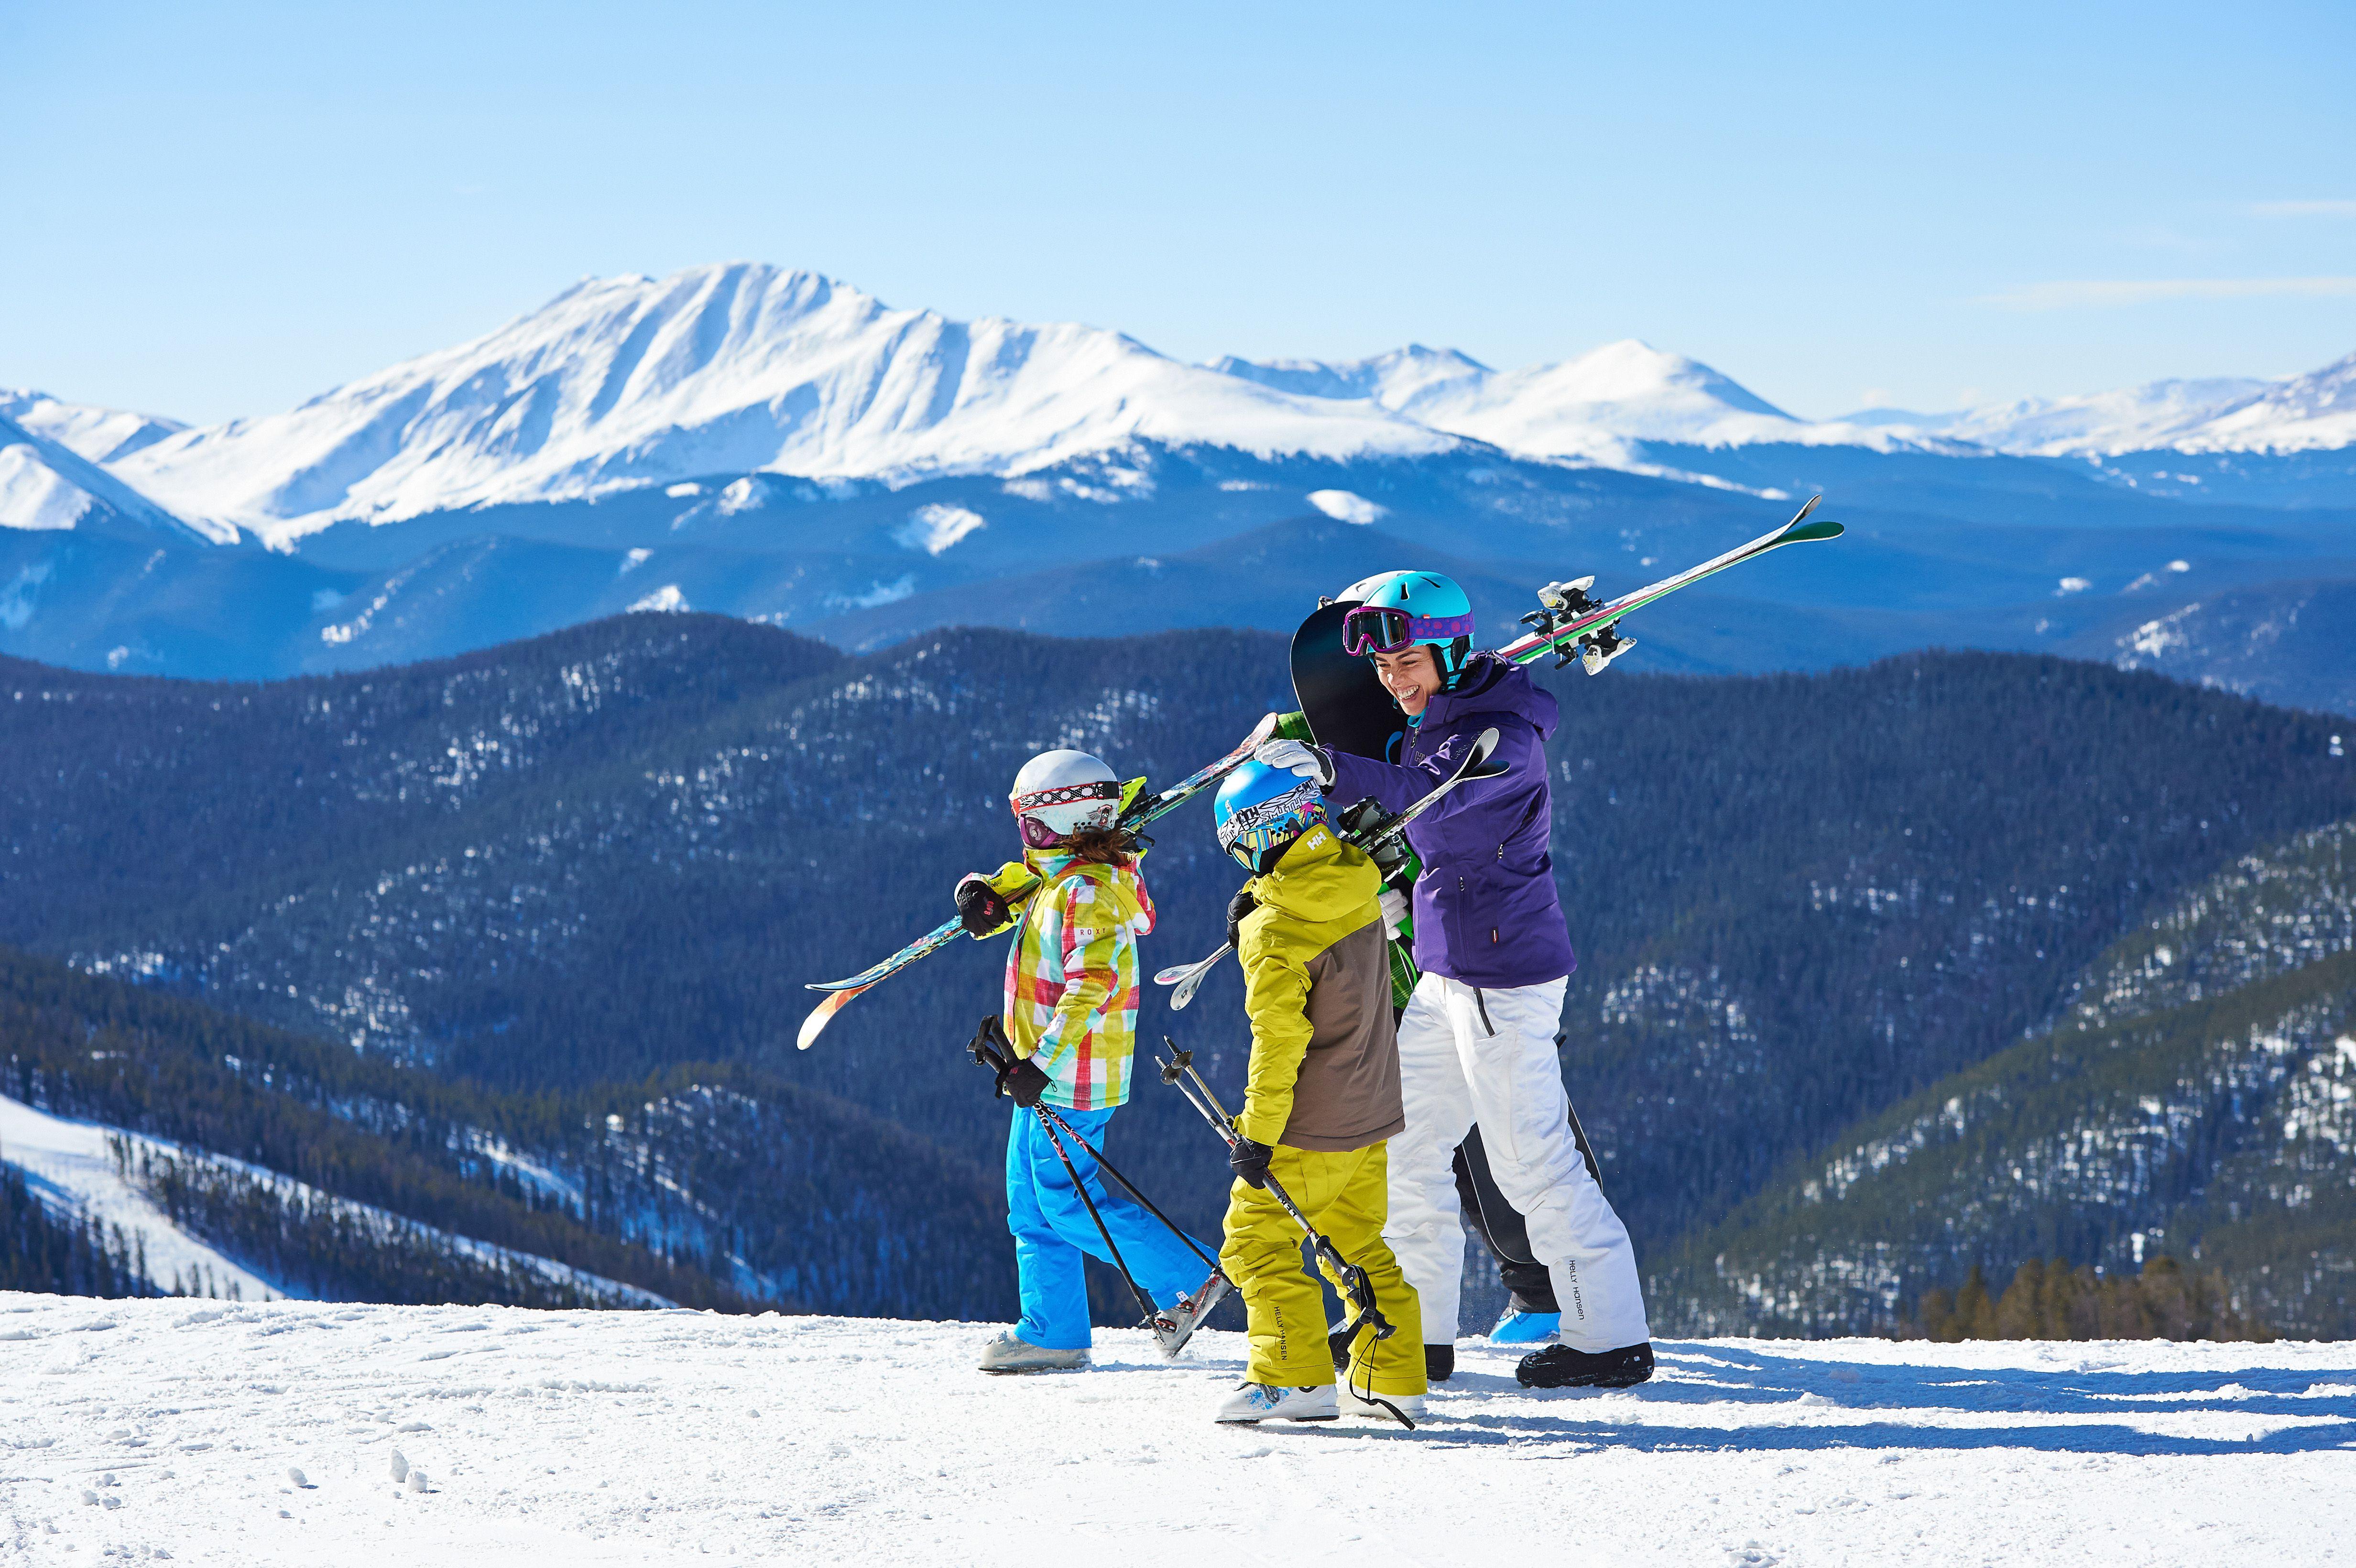 Niños esquiando en Keystone Resort